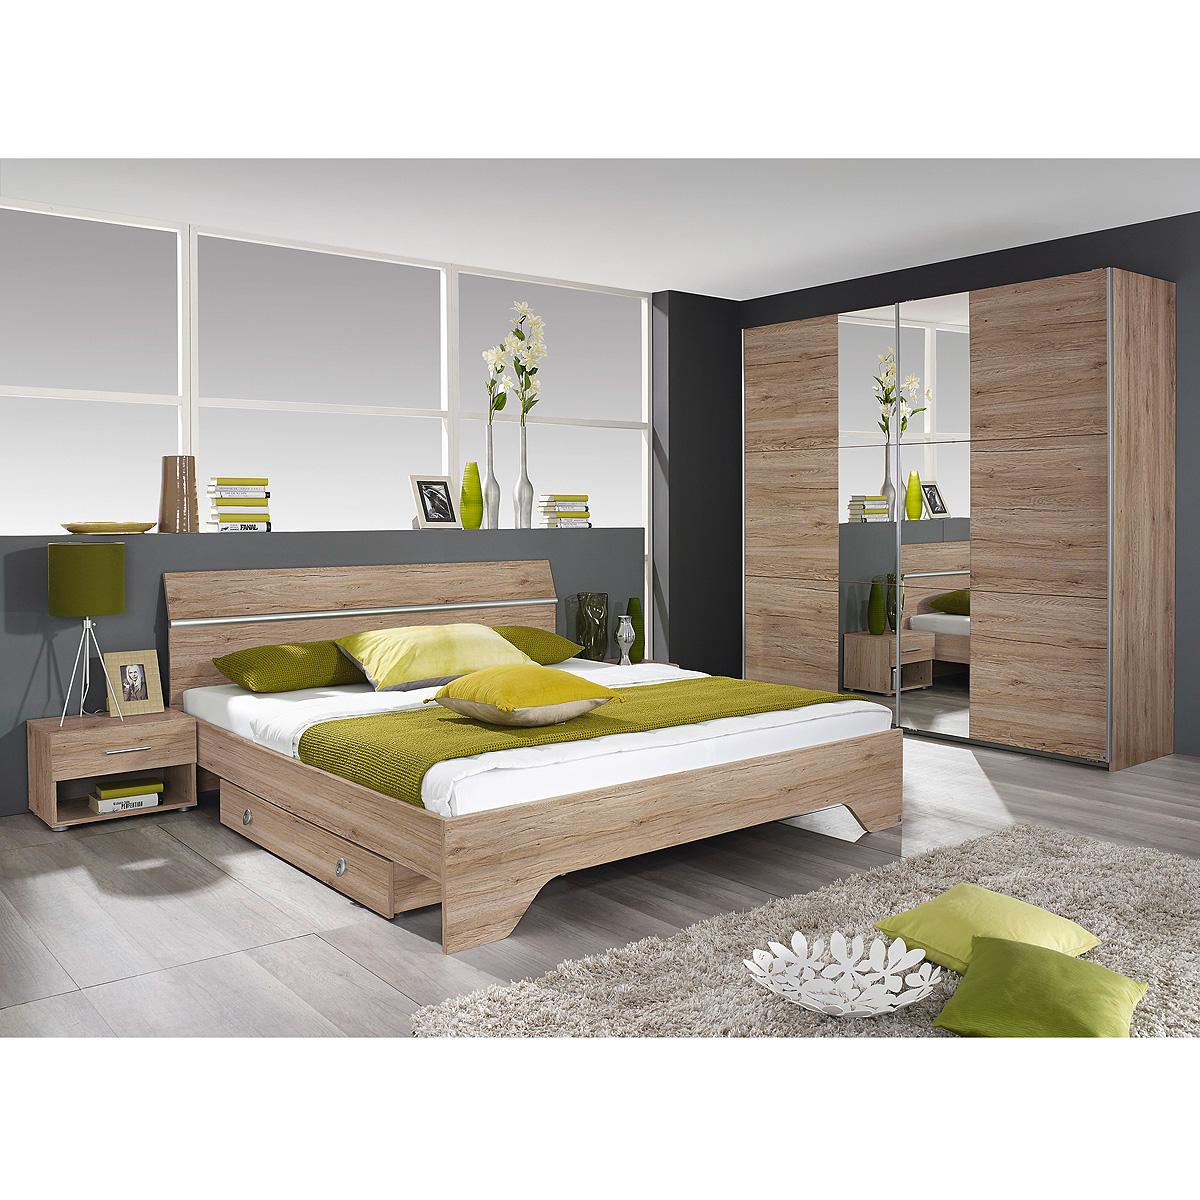 schlafzimmer fellbach schlafzimmerset bett schrank nako san remo eiche hell eur 519 95. Black Bedroom Furniture Sets. Home Design Ideas